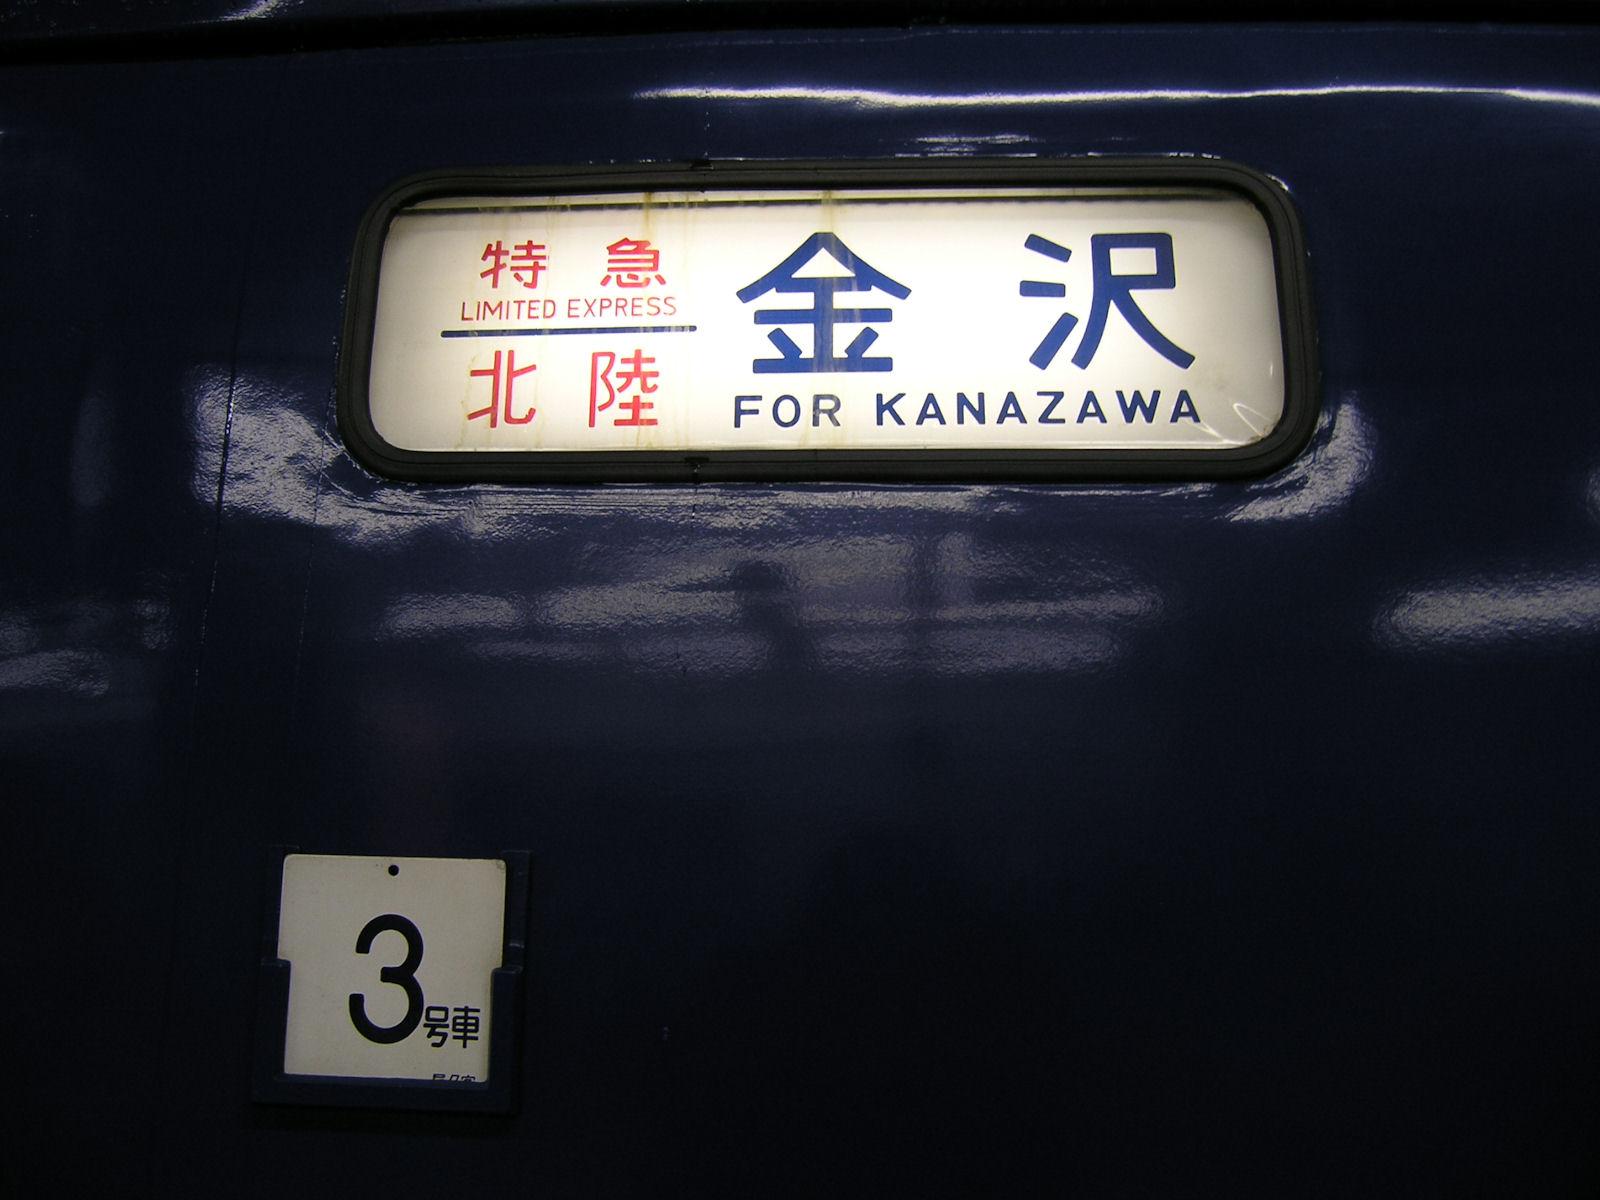 寝台特急北陸号方向幕(JPG-196k)